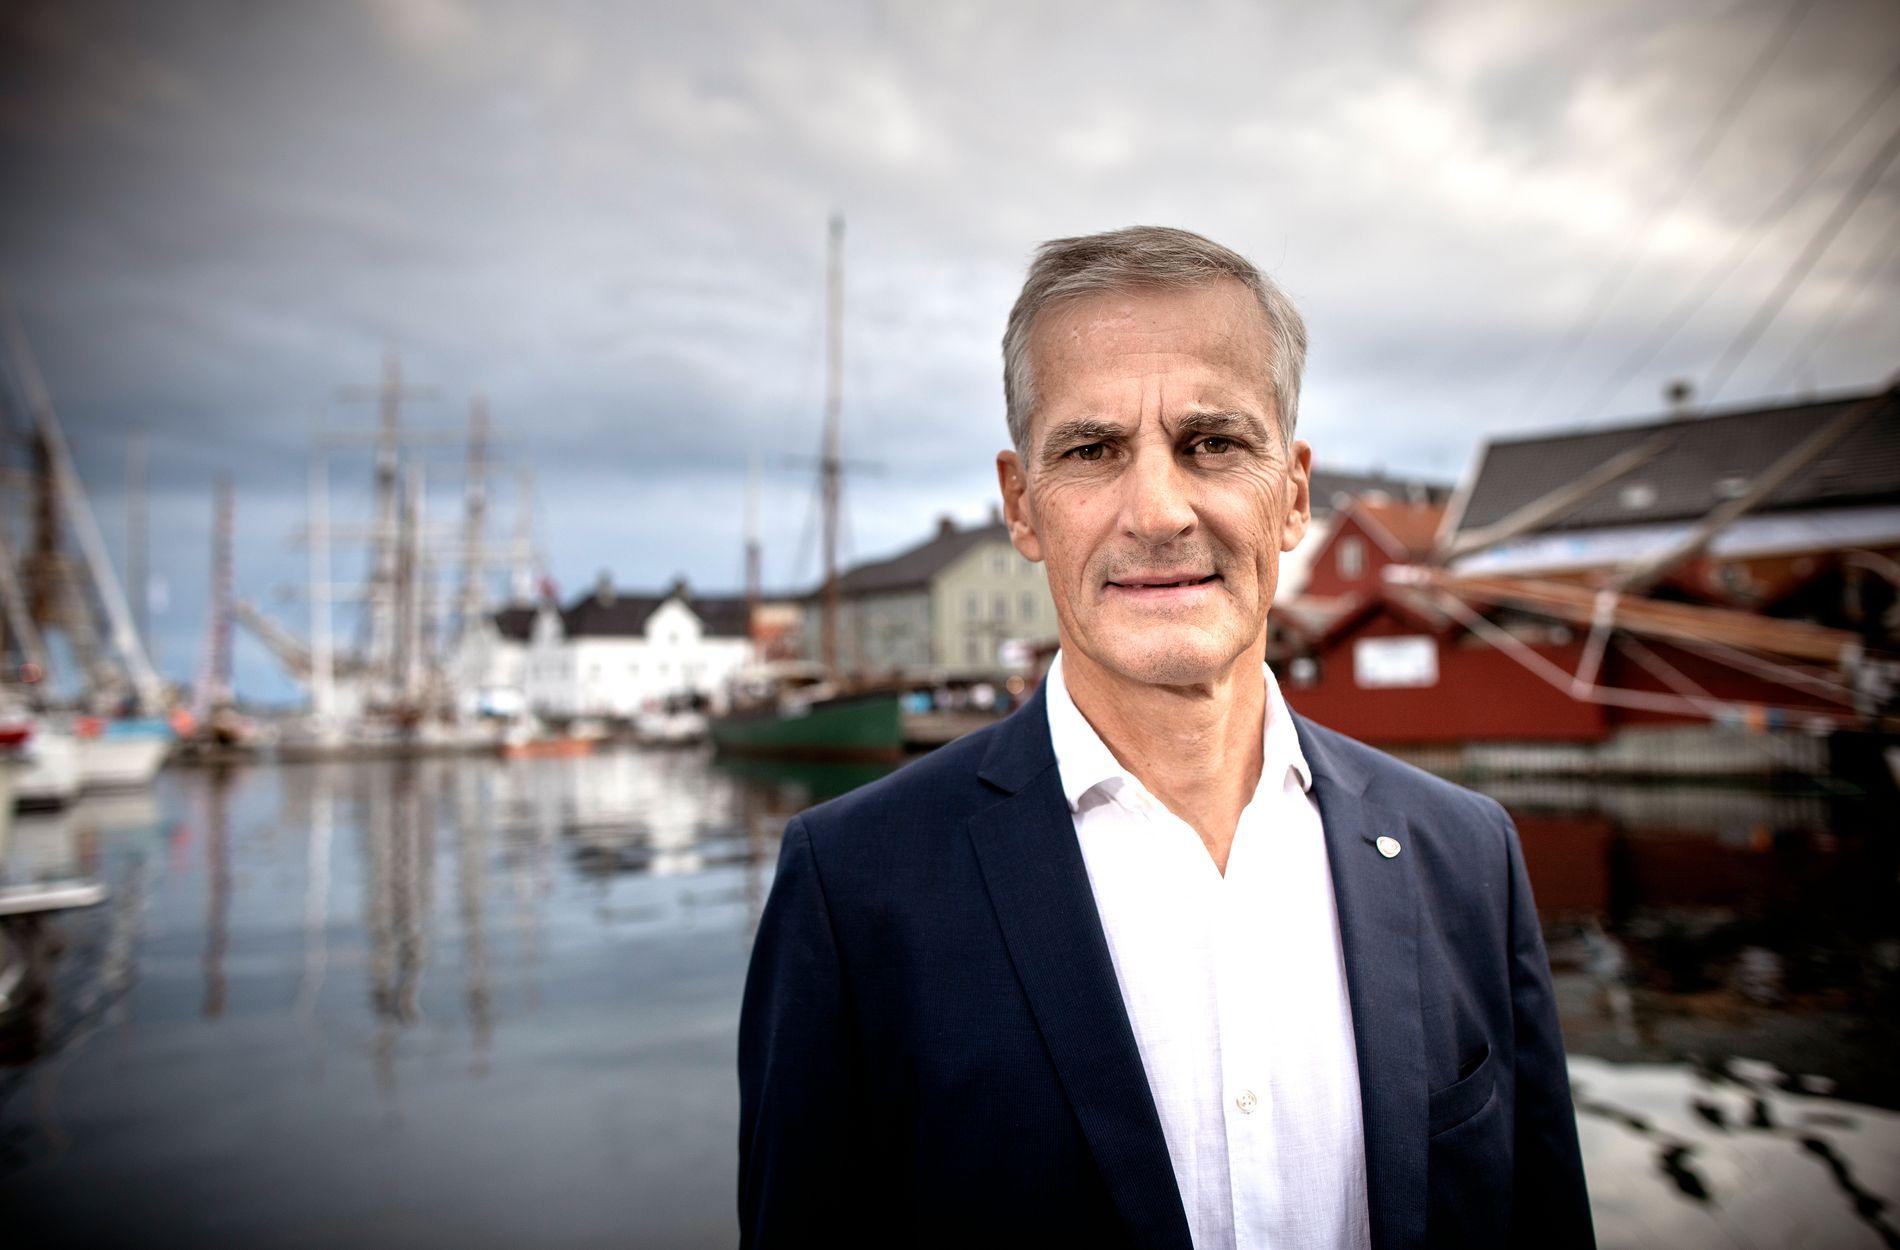 : Ap-leder Jonas Gahr Støre synes det er utidig at Finnmark får skylden for at hele regionsreformen trues, fordi de sier nei til sammenslåing med Troms.